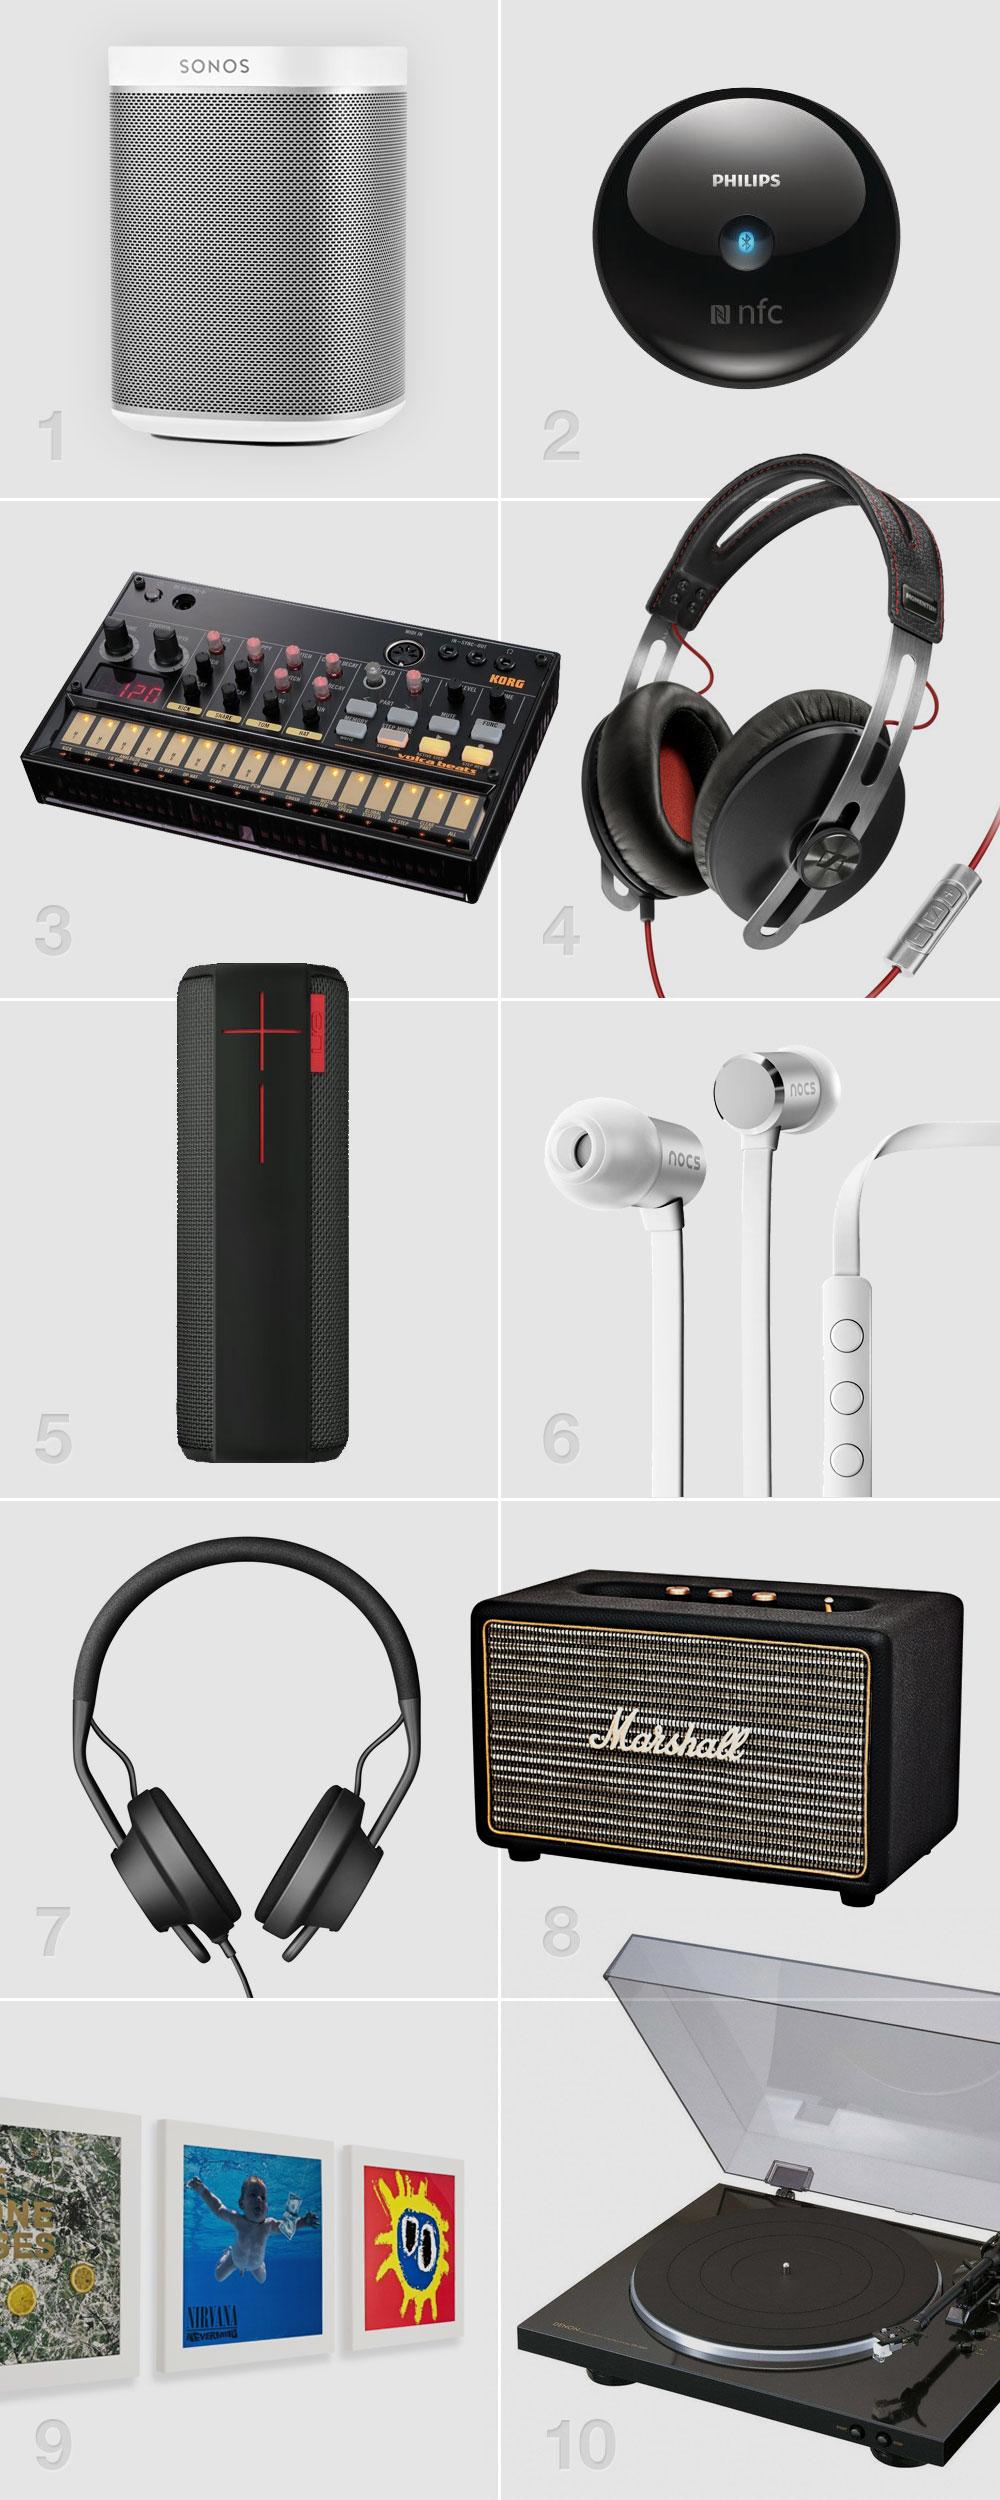 WGT14-Geschenk-Tipps-Weihnachten-2014-Musio-Musik-HiFi-Kopfhoerer-Lautsprecher-Bluetooth-Plattenspieler